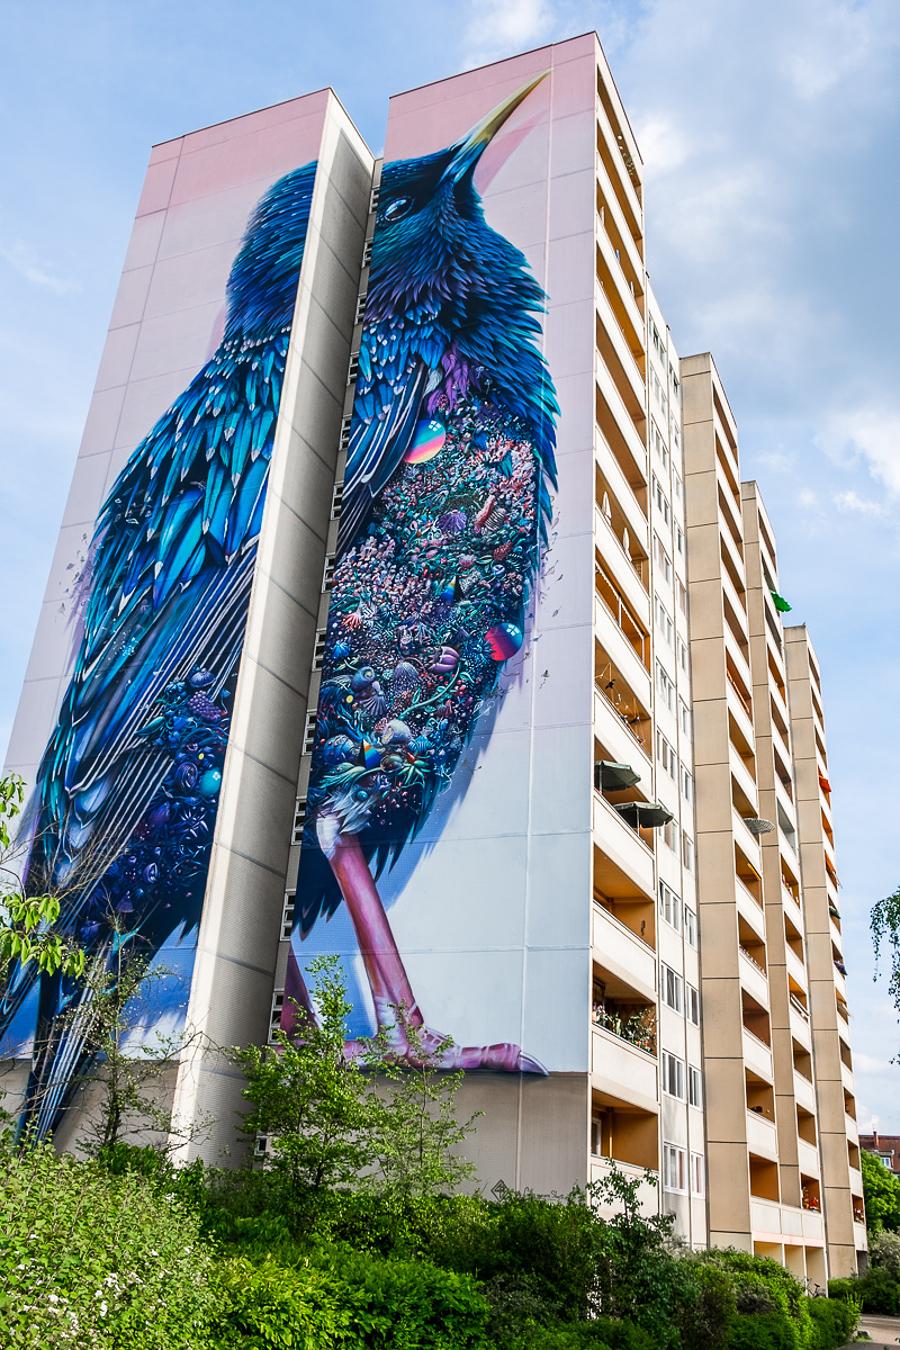 street-art-berlino-murale-gigante-uccello-super-a-collins-van-der-sluijs-2